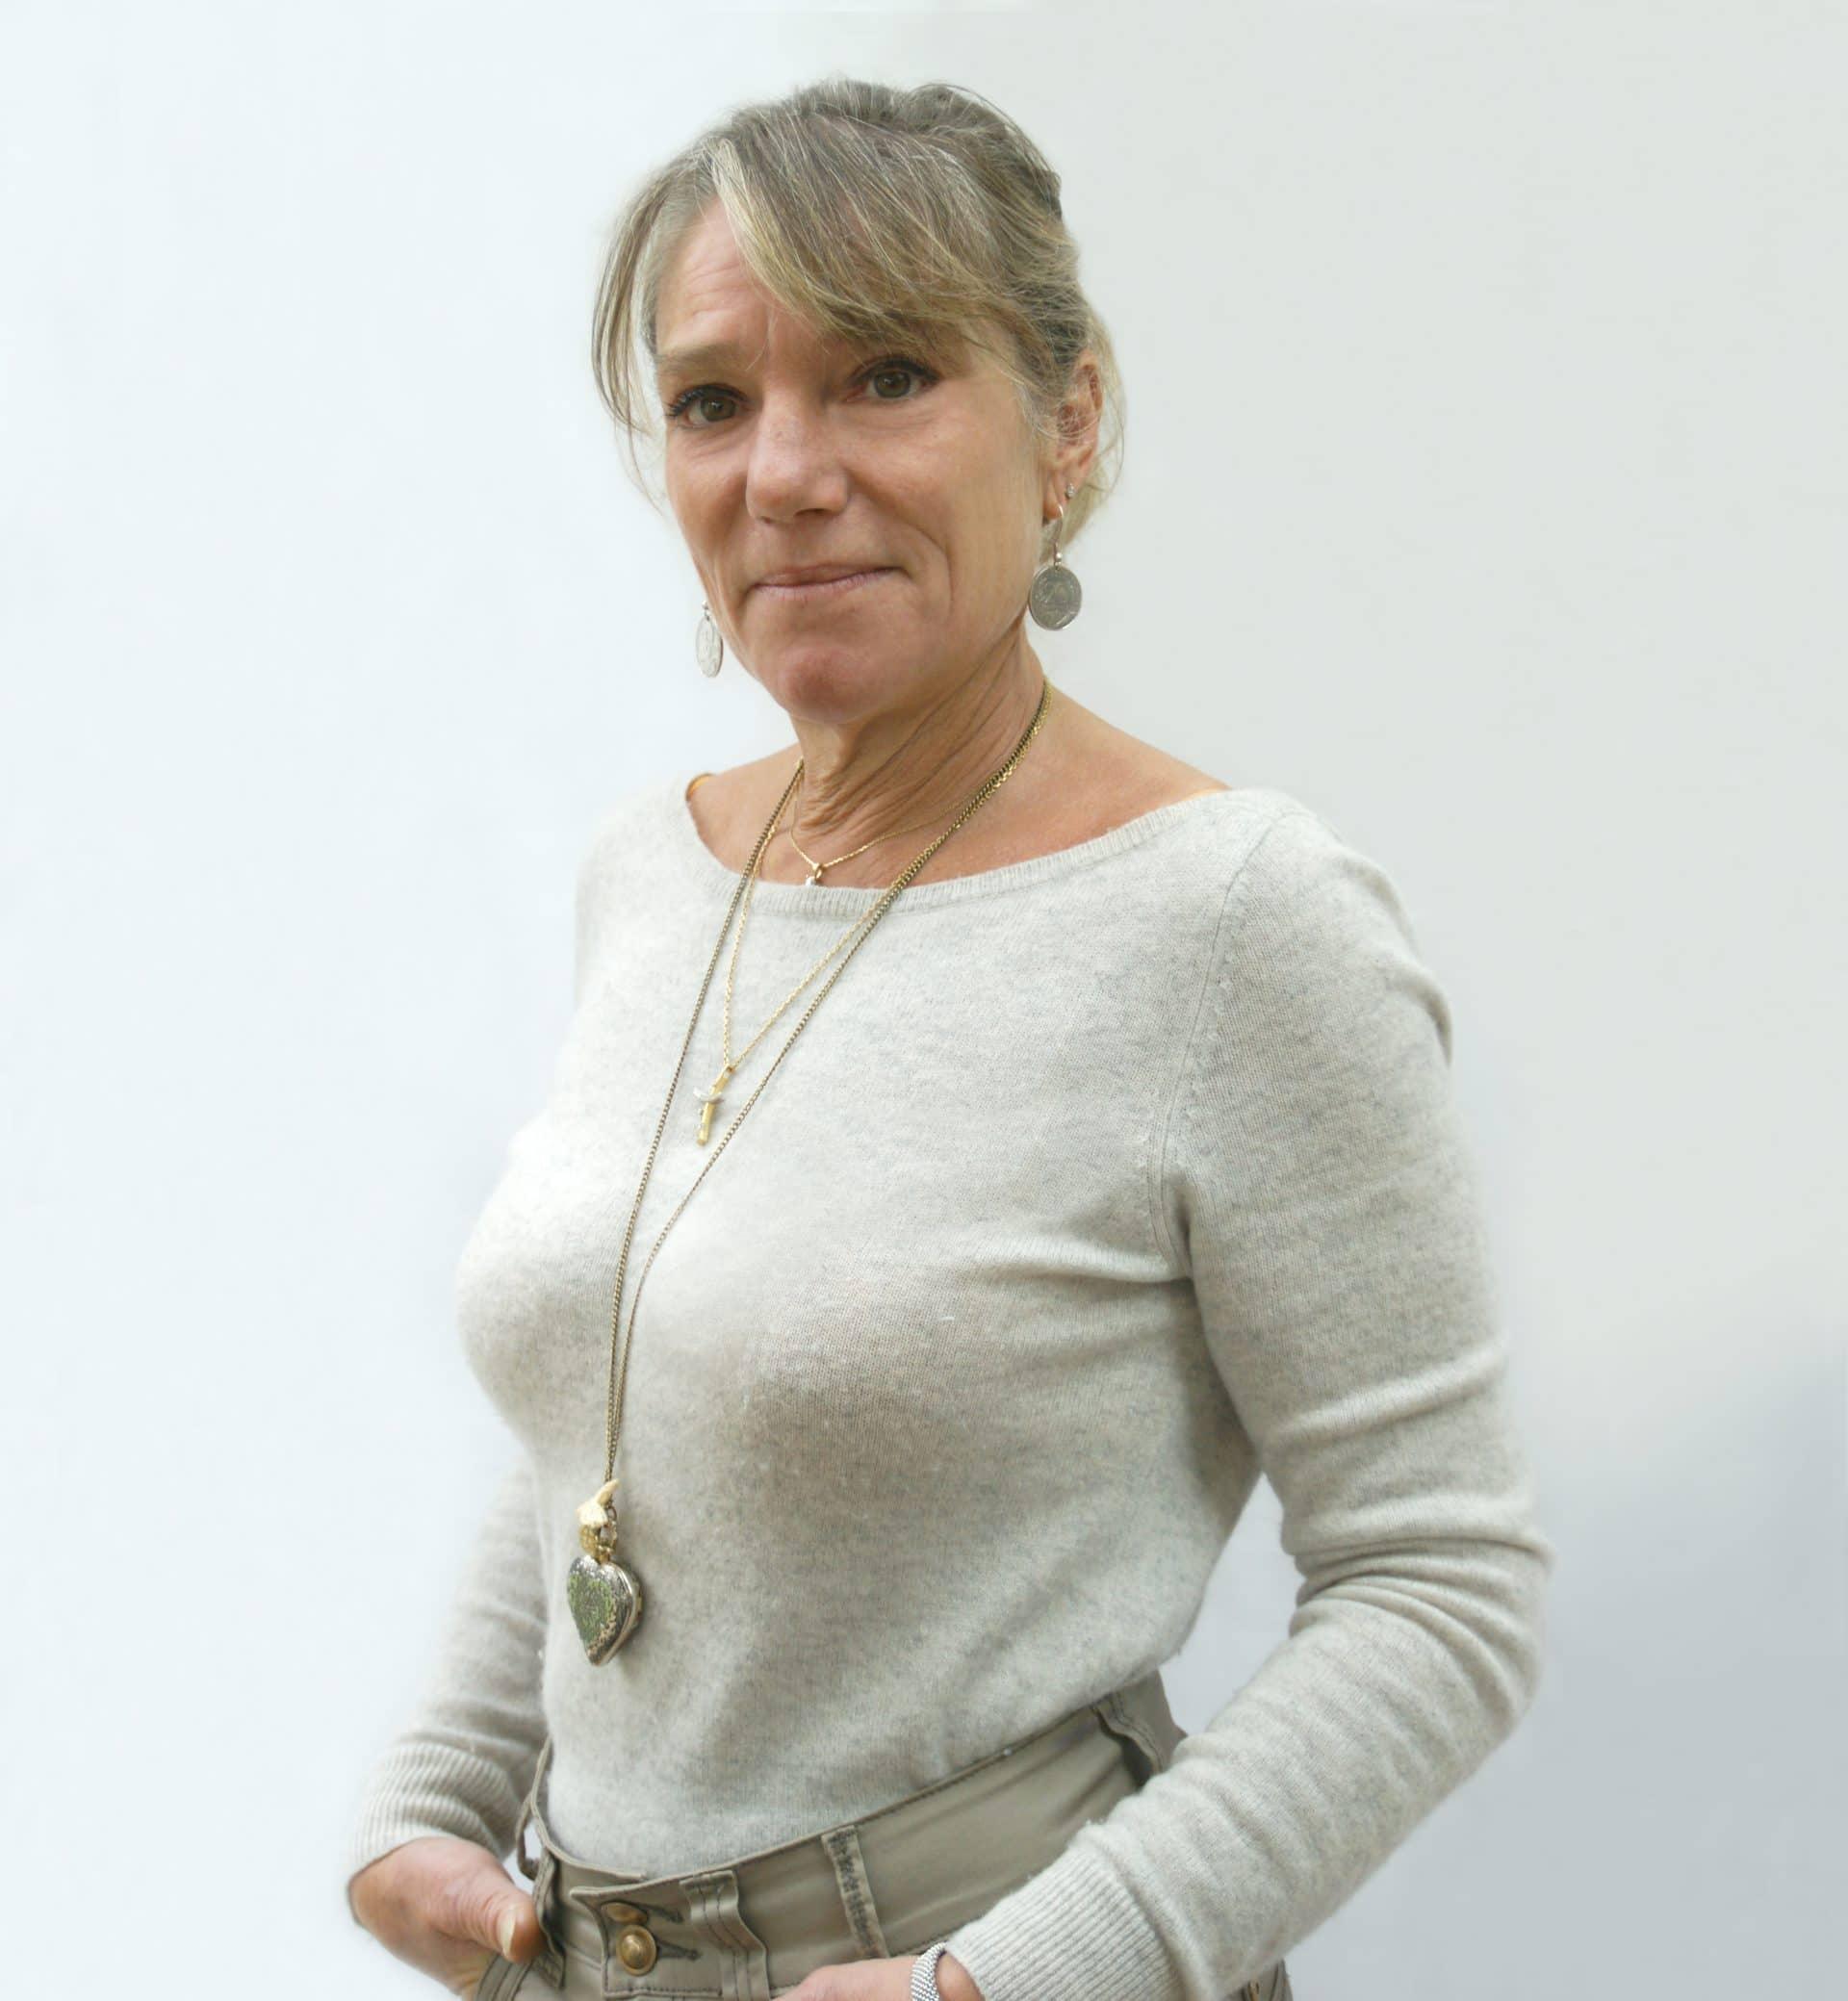 Chantal Dumas est praticienne en luxopuncture et hypnose ericksonienne au Perrier, près de Challans